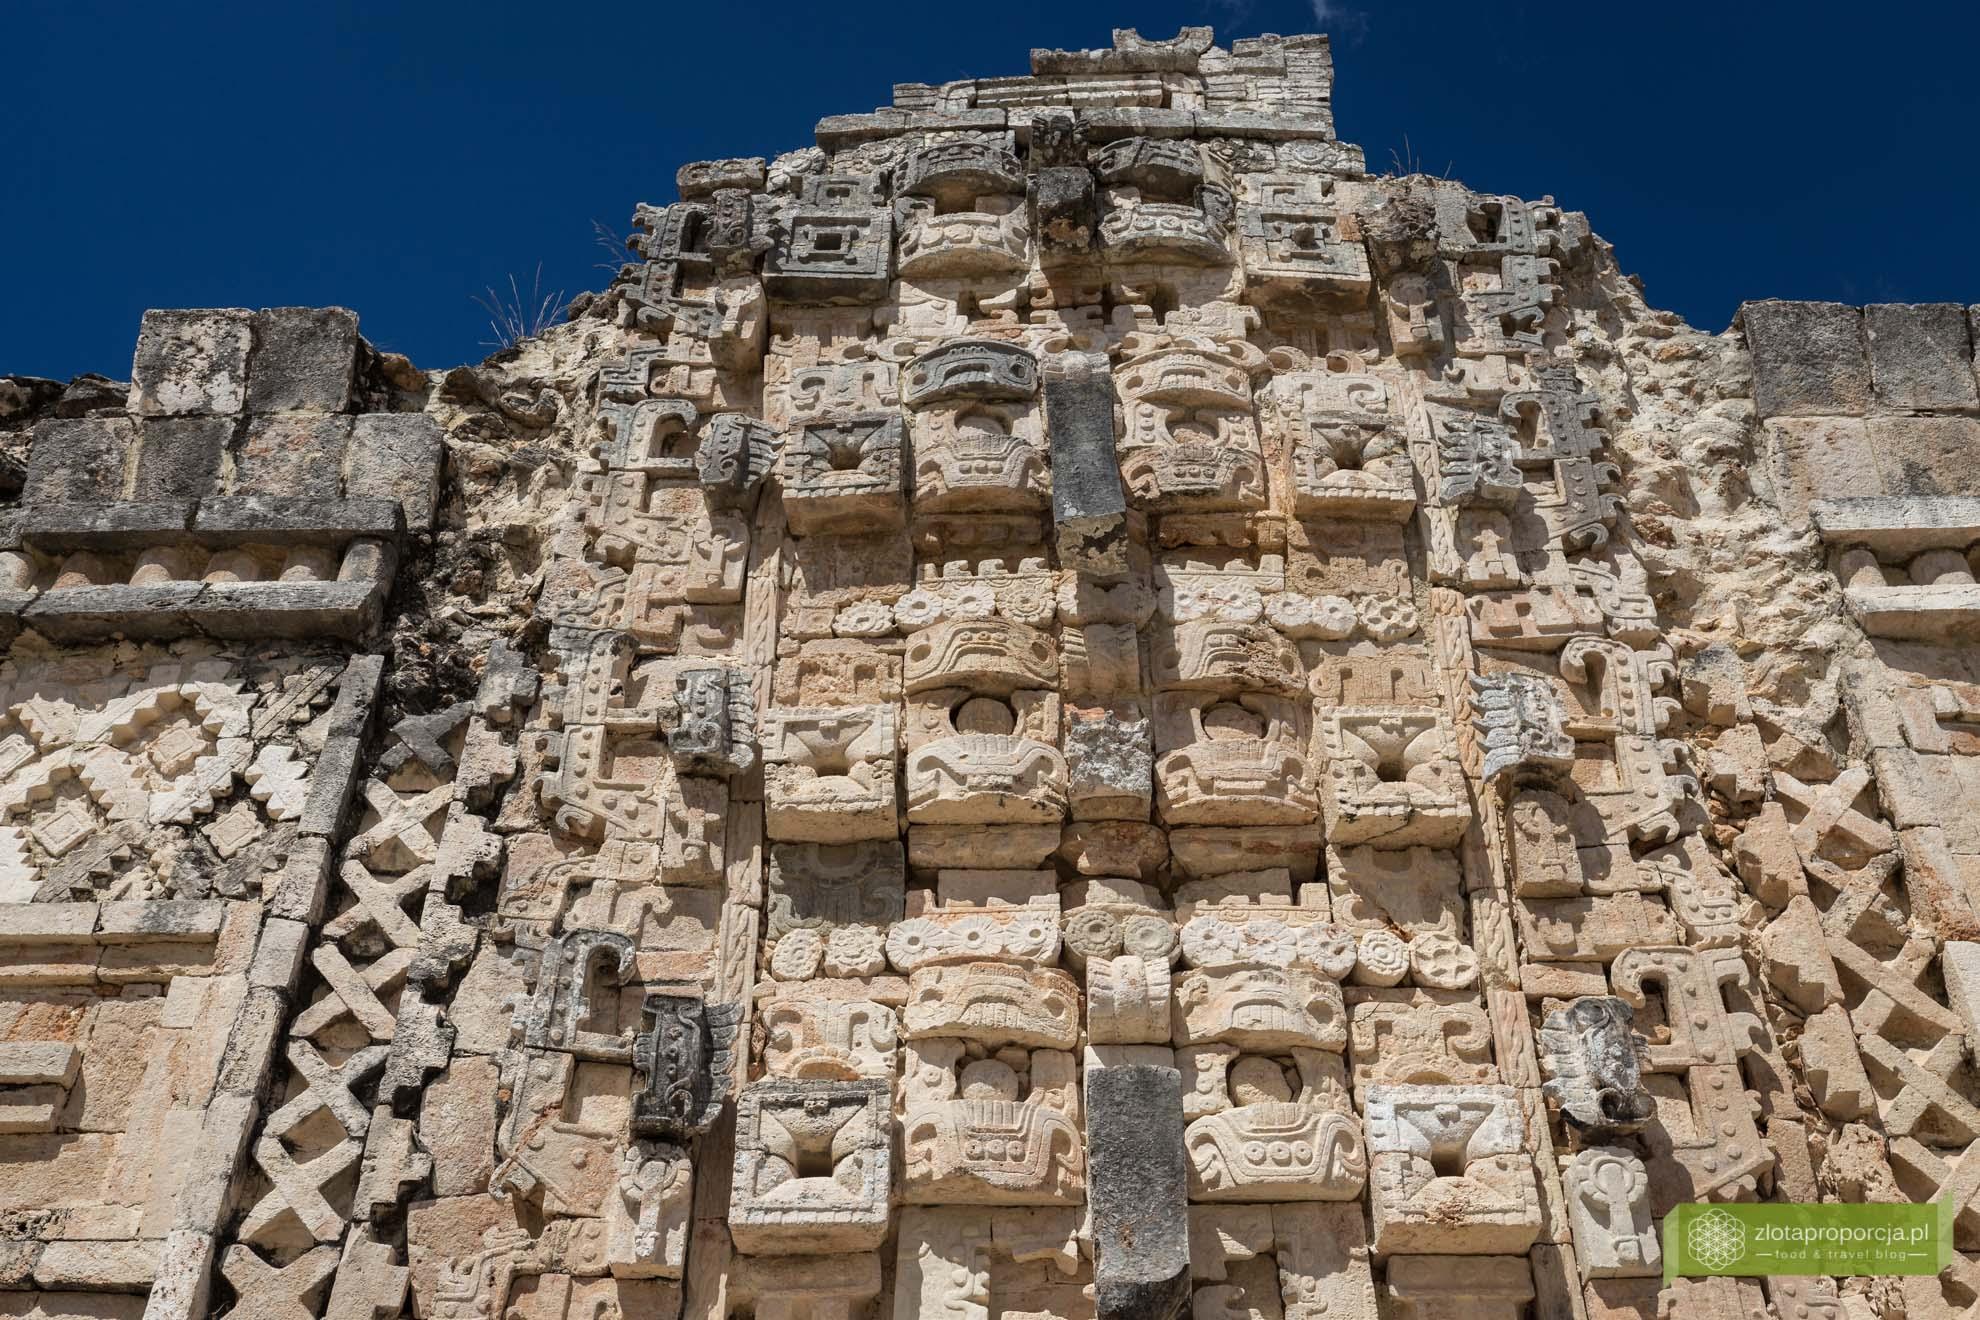 Meksyk, Miasta Majów, strefy archeologiczne na Jukatanie; Majowie budowle, Miasta Majów Meksyk, Majowie osiągnięcia; Uxmal, Miasta Majów Jukatan, strefa archeologiczna Uxmal, Ruta Puuc;